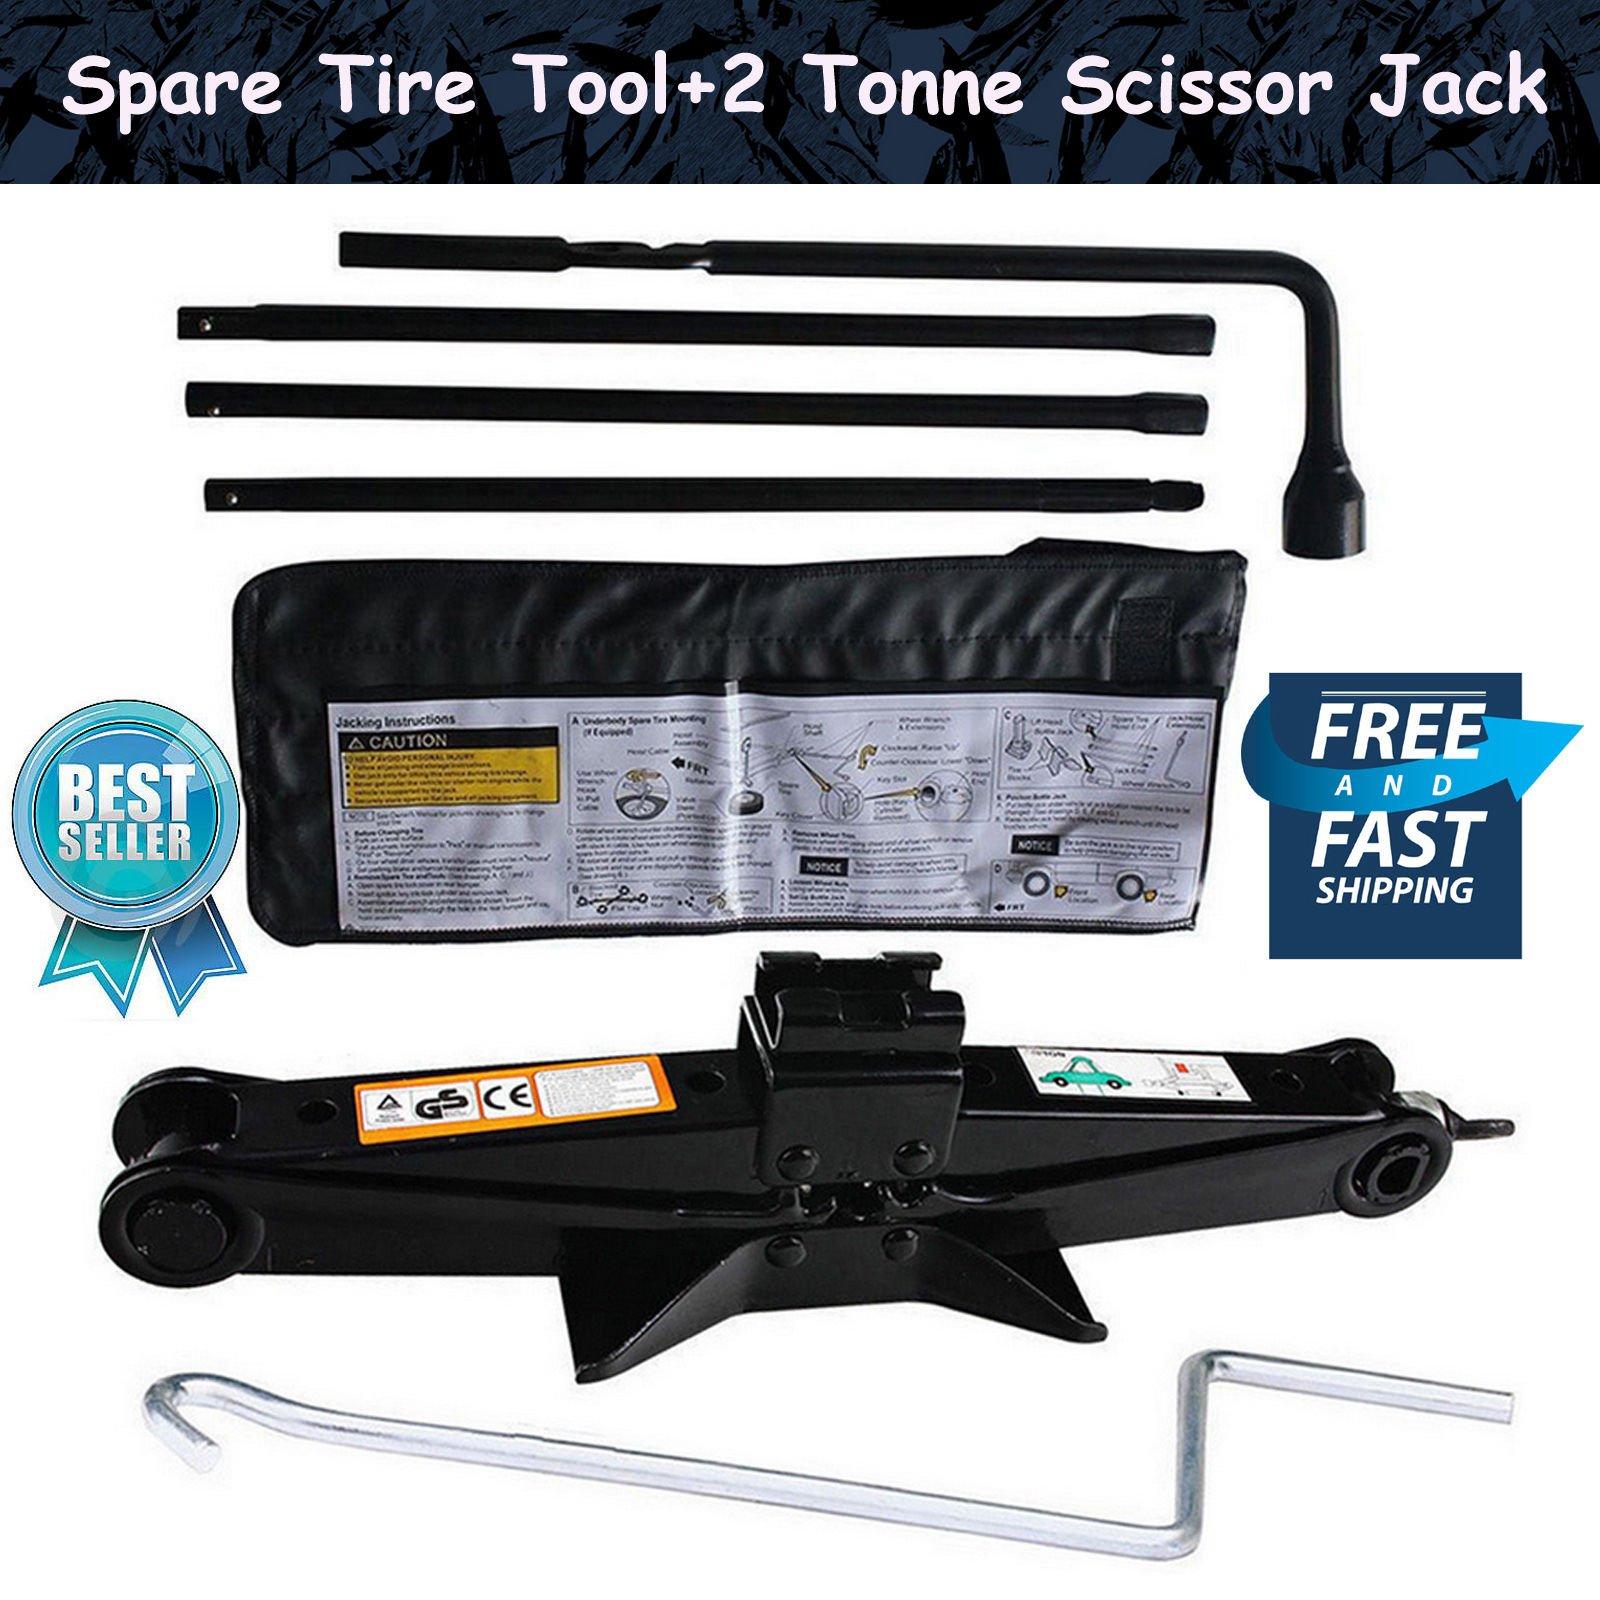 Autofu Spare Tire Tool with Scissor Jack Kit for 2000-2014 Chevy Silverado / 2000-2014 GMC Sierra